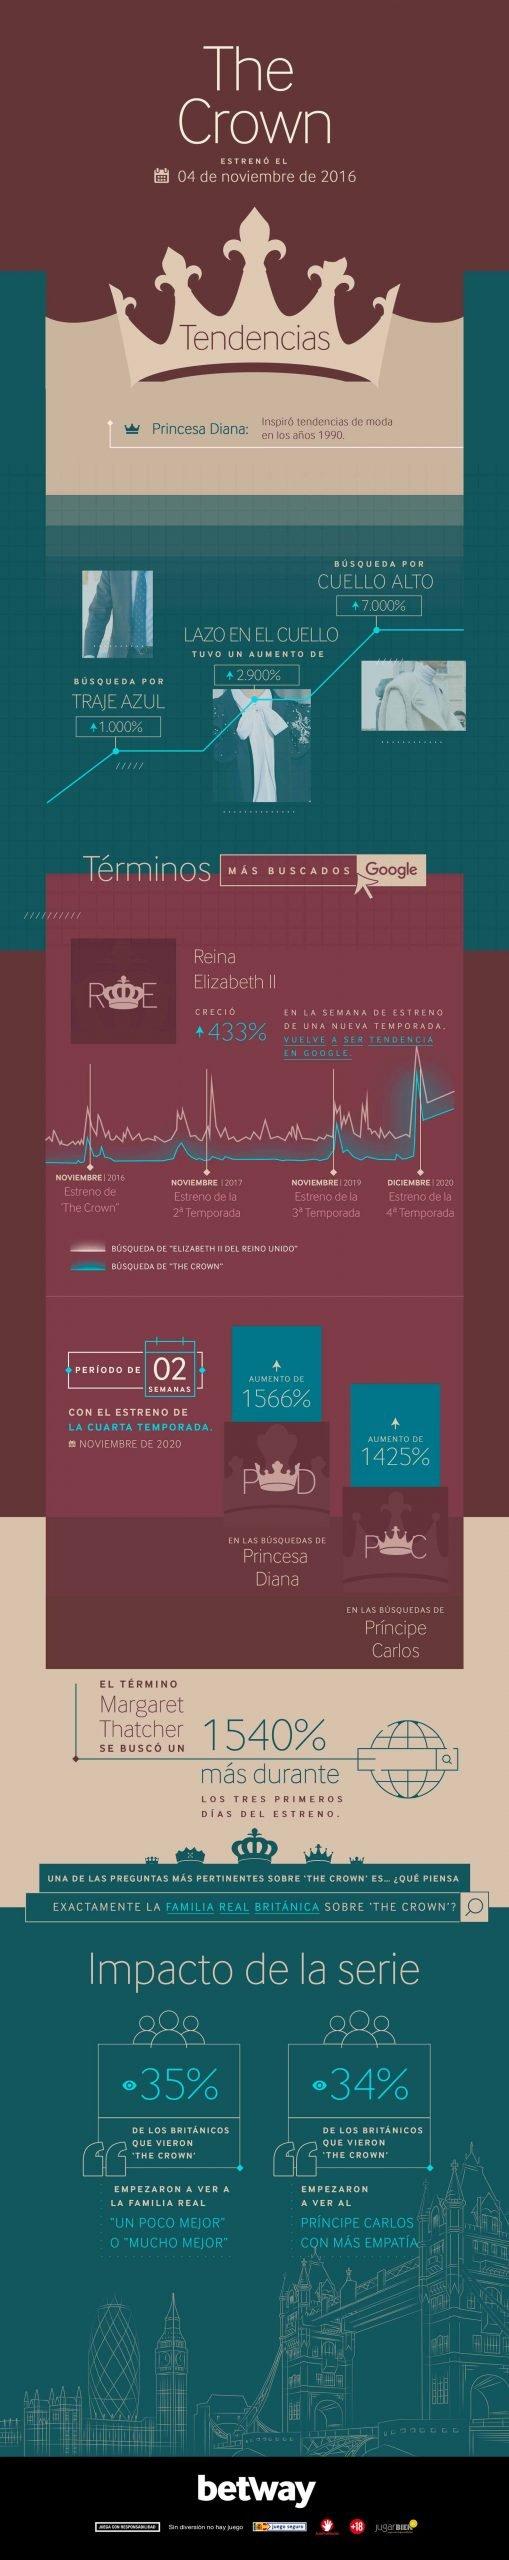 Infografía de The Crown